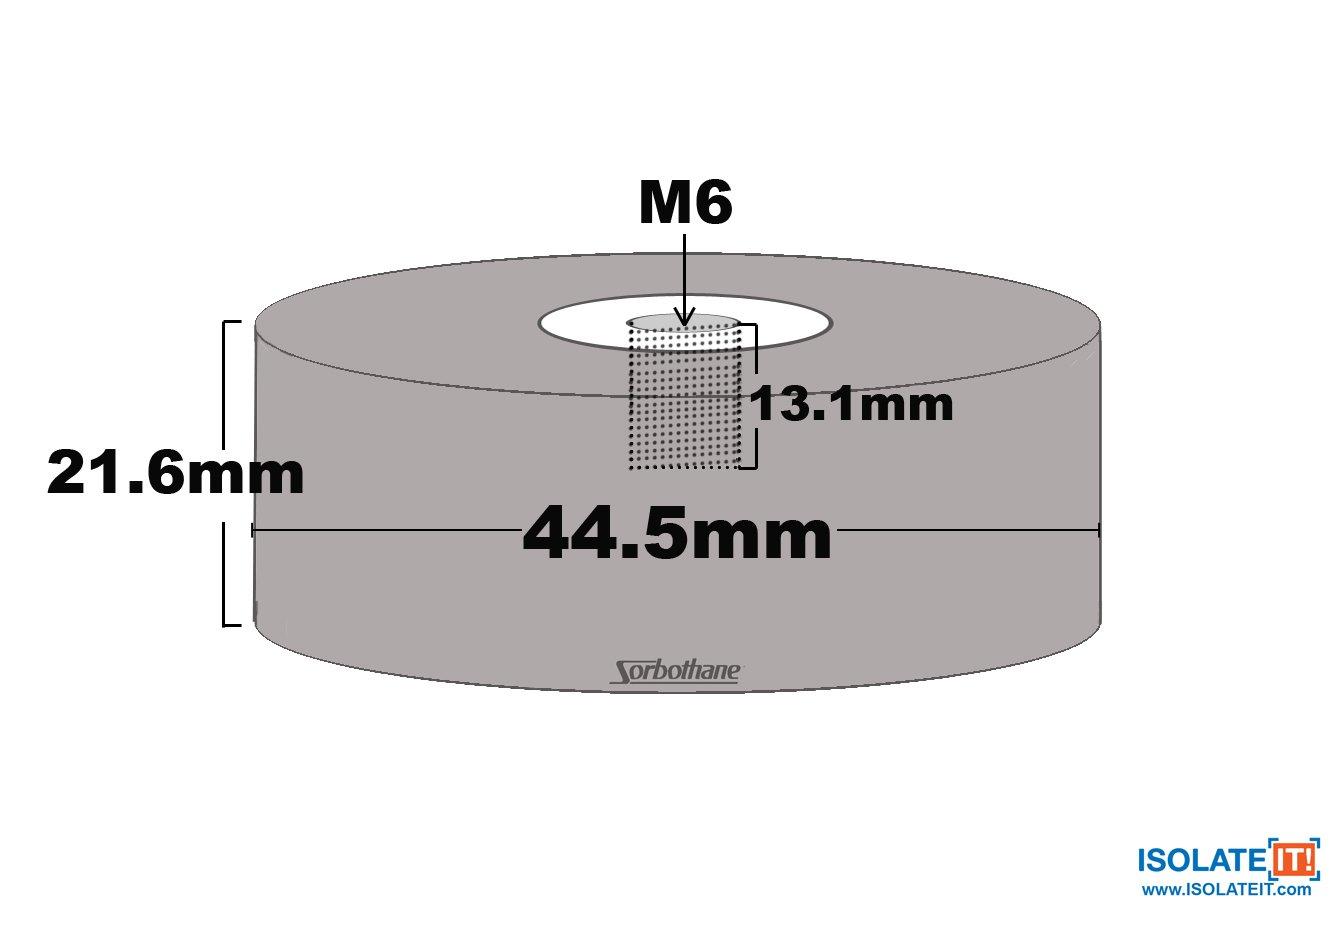 44,5 mm 50 Duro Durchmesser 4 St/ück Sorbothane Buchse Vibration Bumper MOUNT-M6-21,6 mm